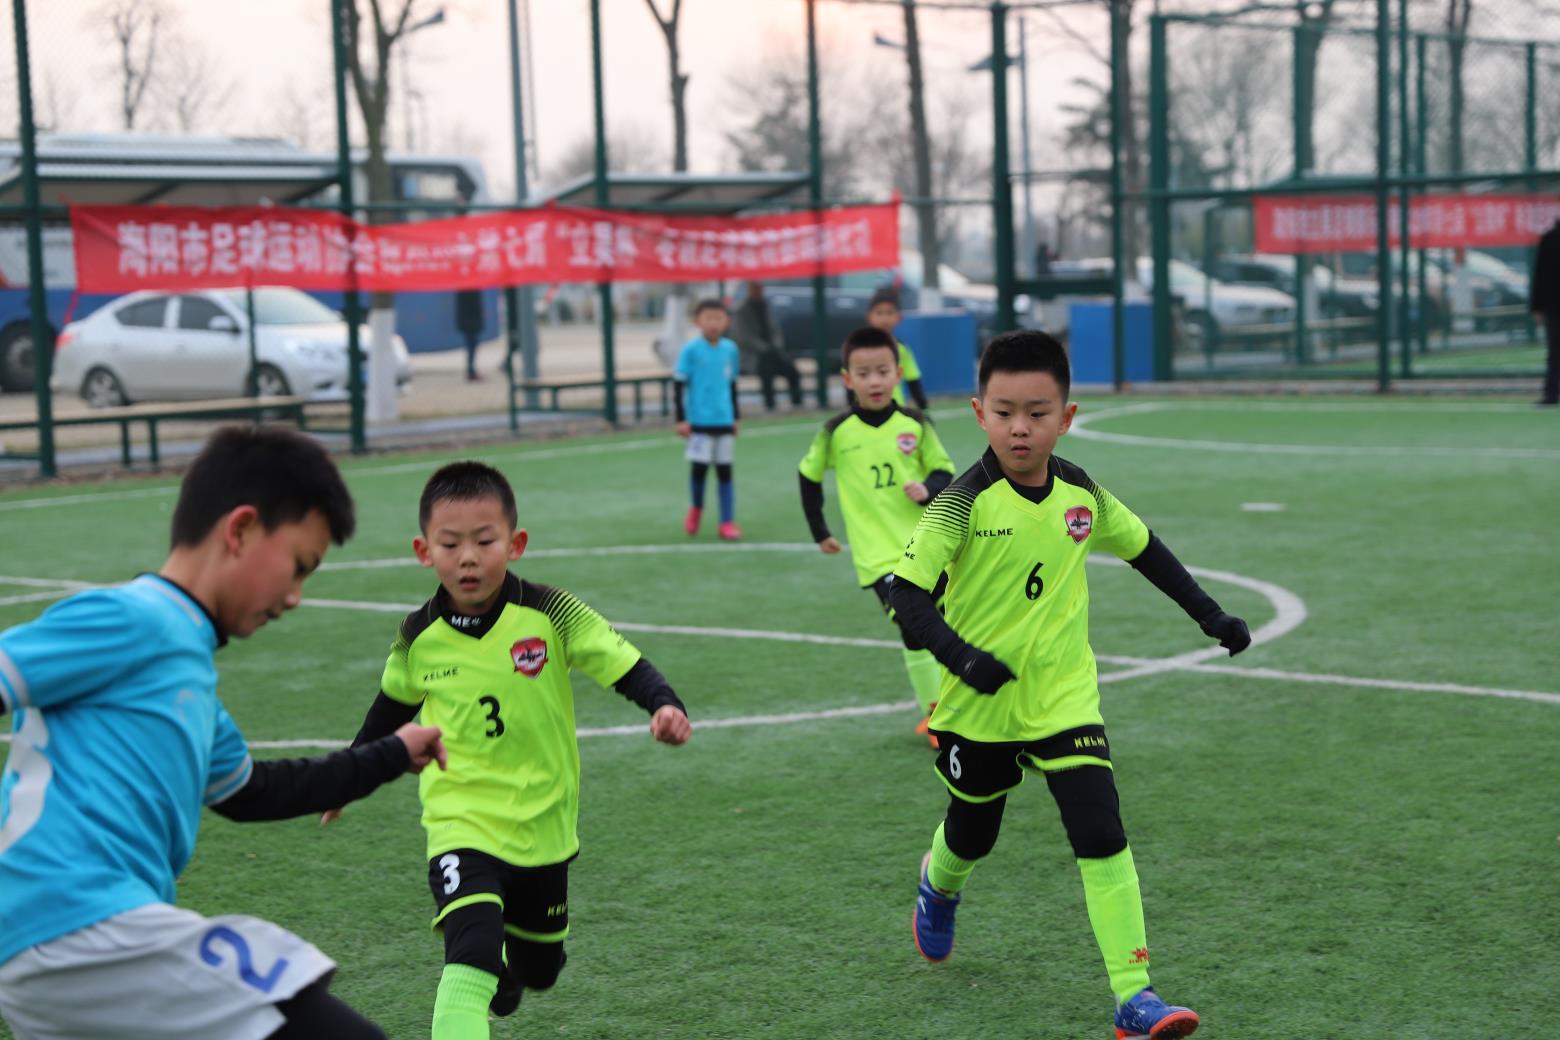 淄博市男子足球队斩获两项全国冠军